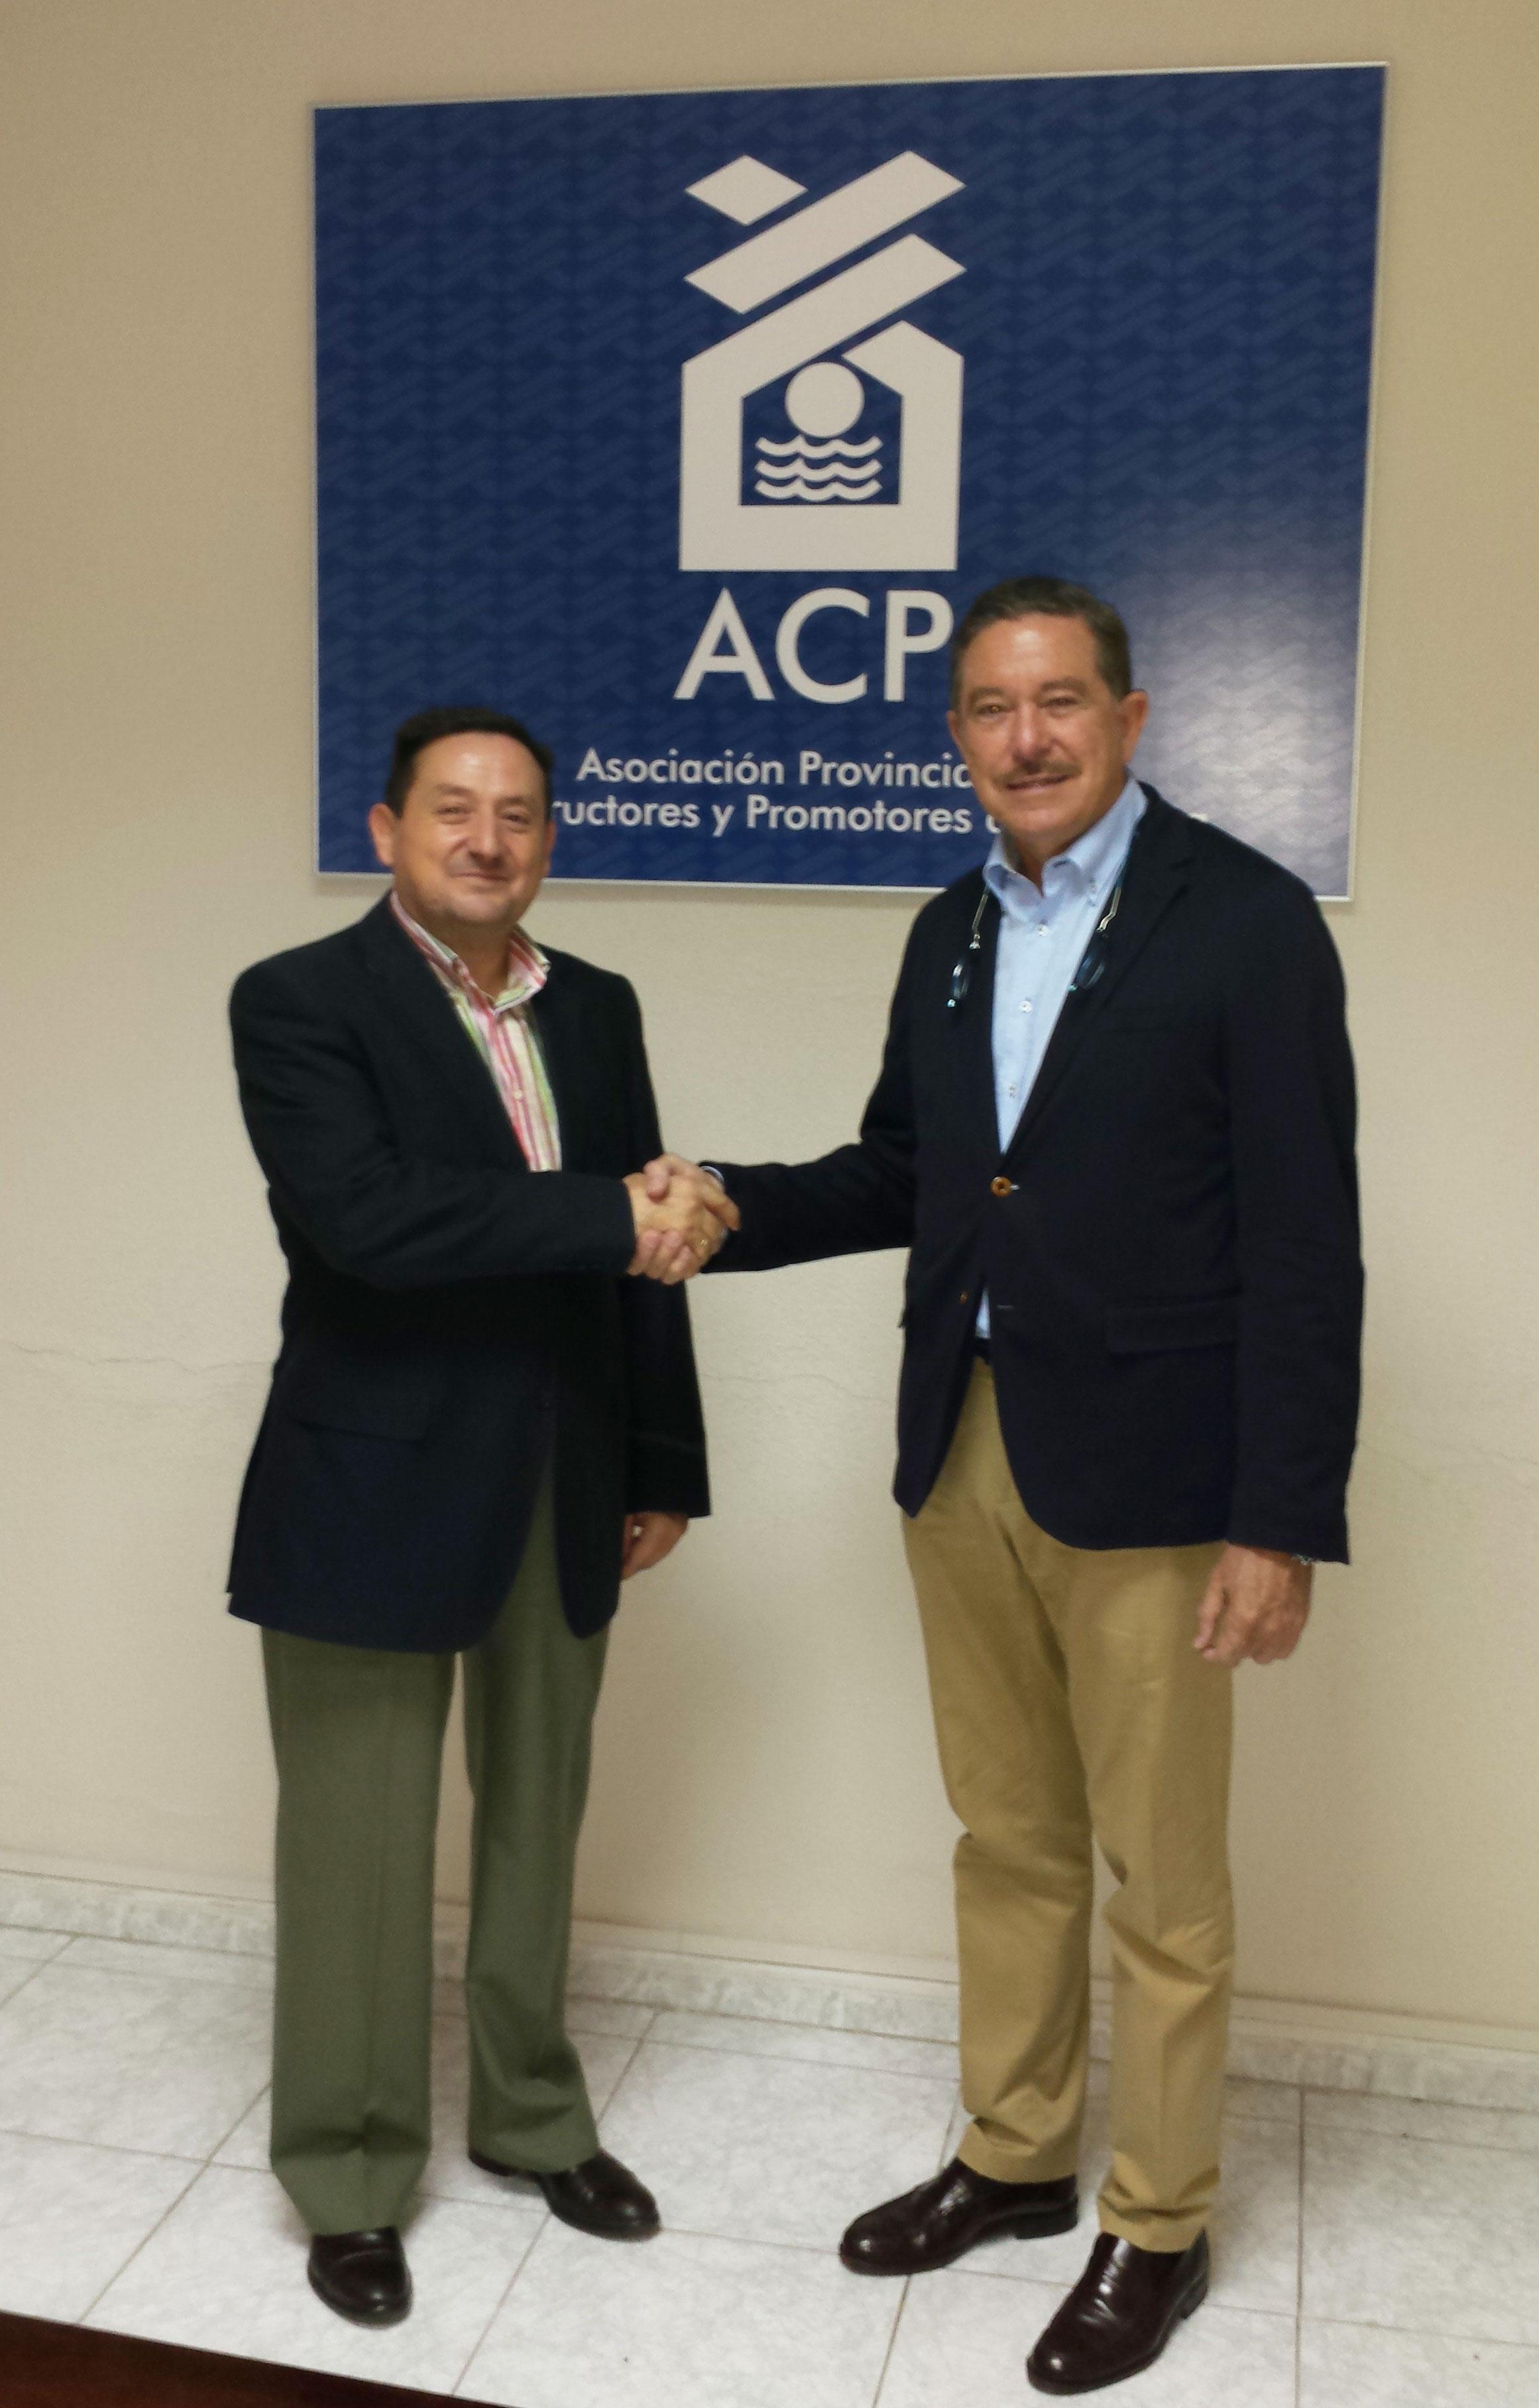 Firma acuerdo entre ACP y Montymarq